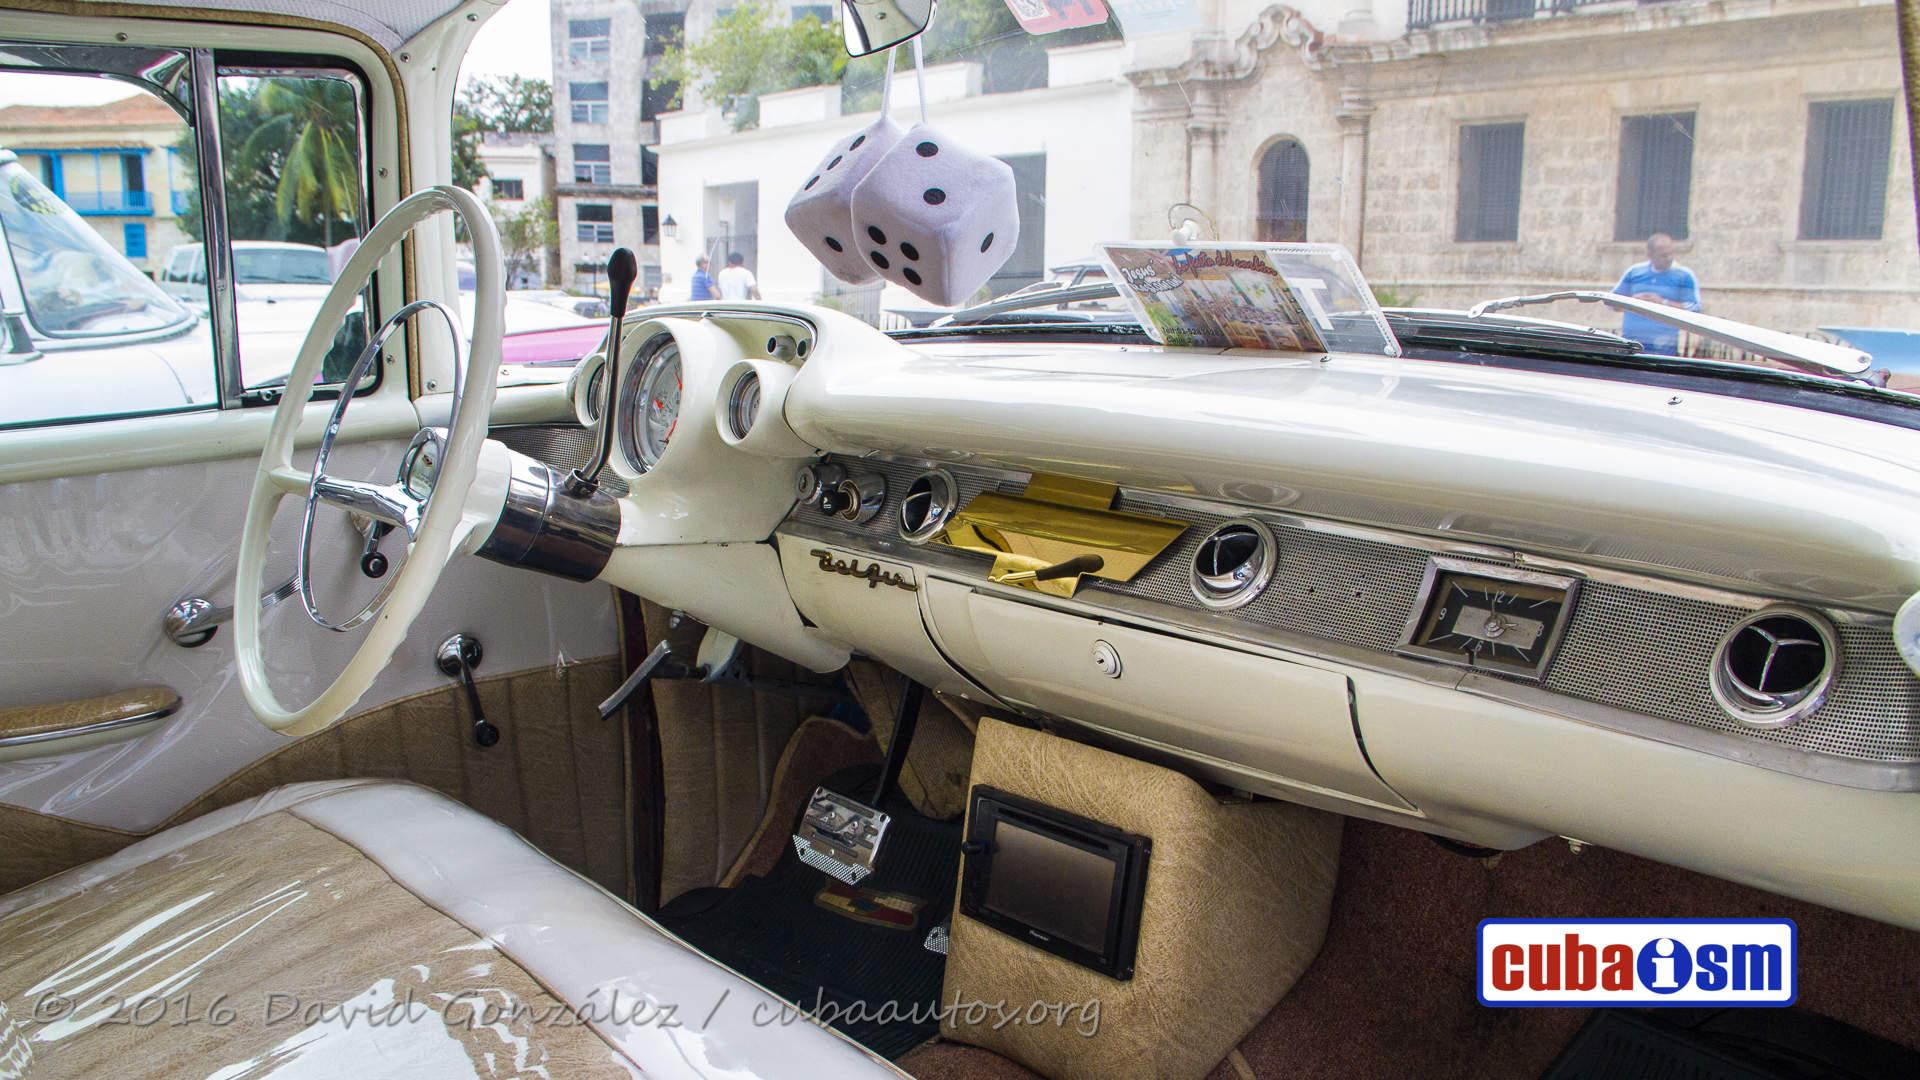 1956 chevrolet bel air 4 door hardtop 113233 - Chevrolet Cars In Cuba Bel Air 4 Door Hard Top From 1957 Cuba Download Image 1920 X 1080